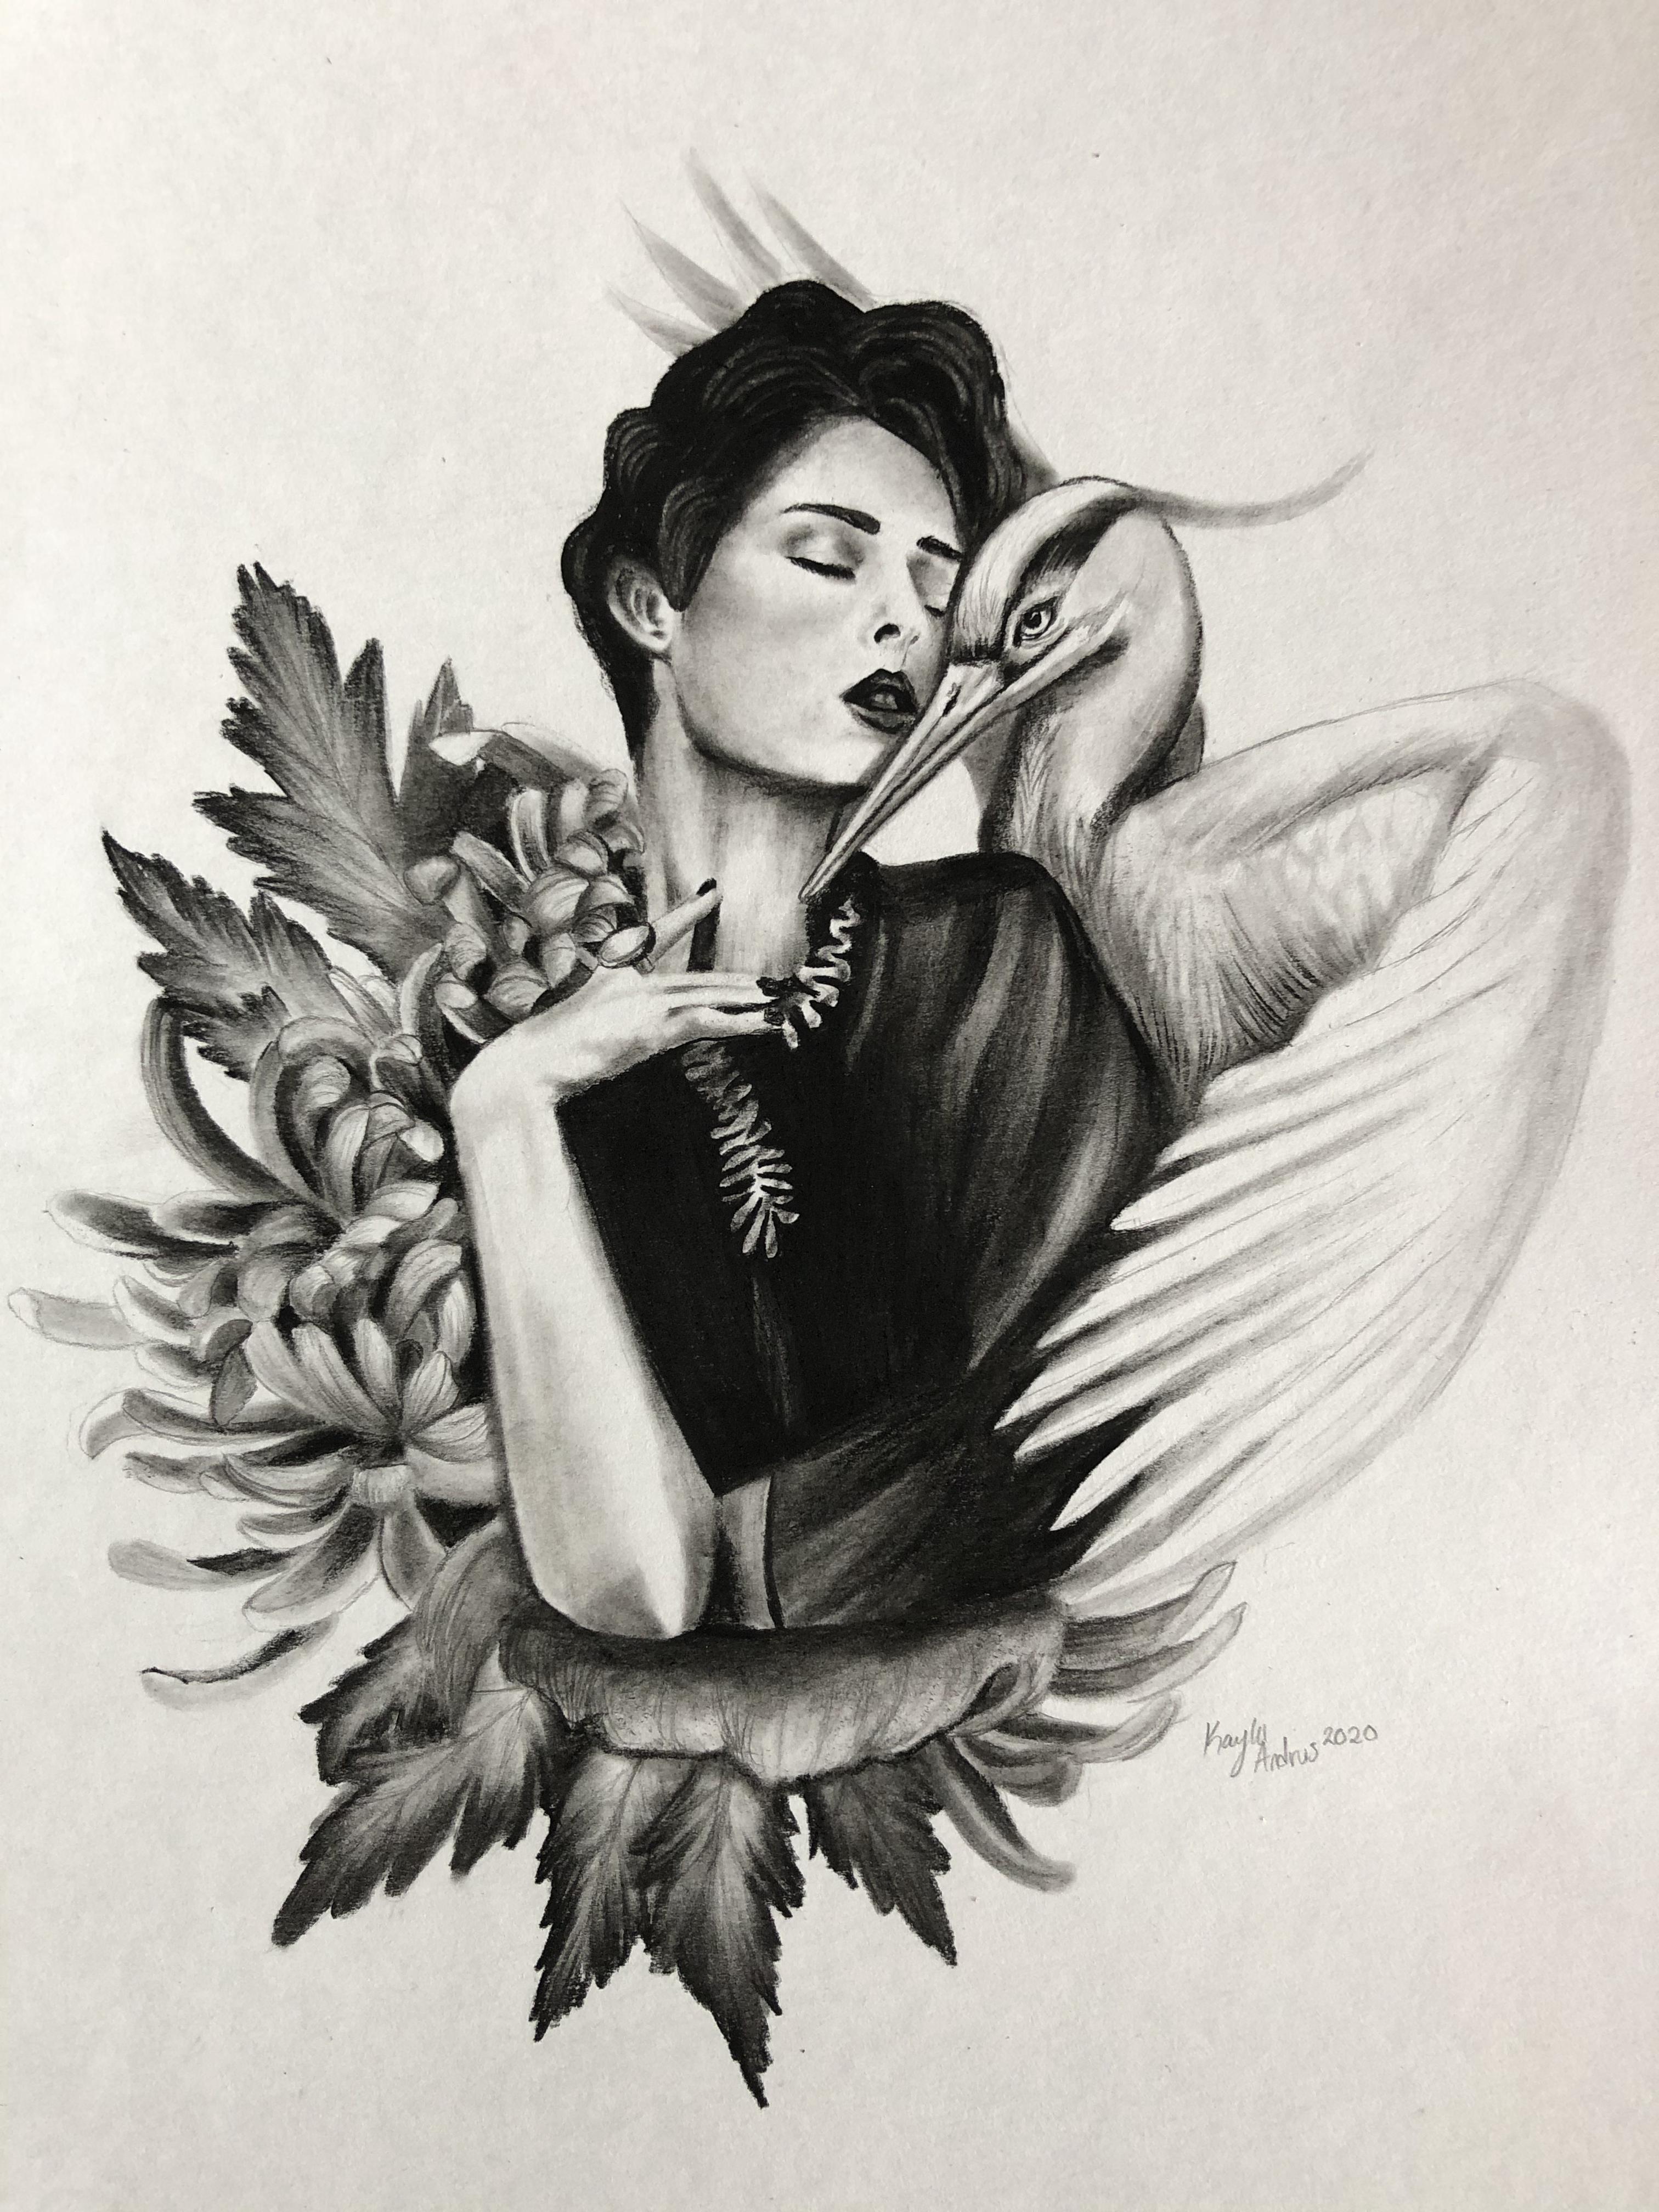 Kayla Andrus